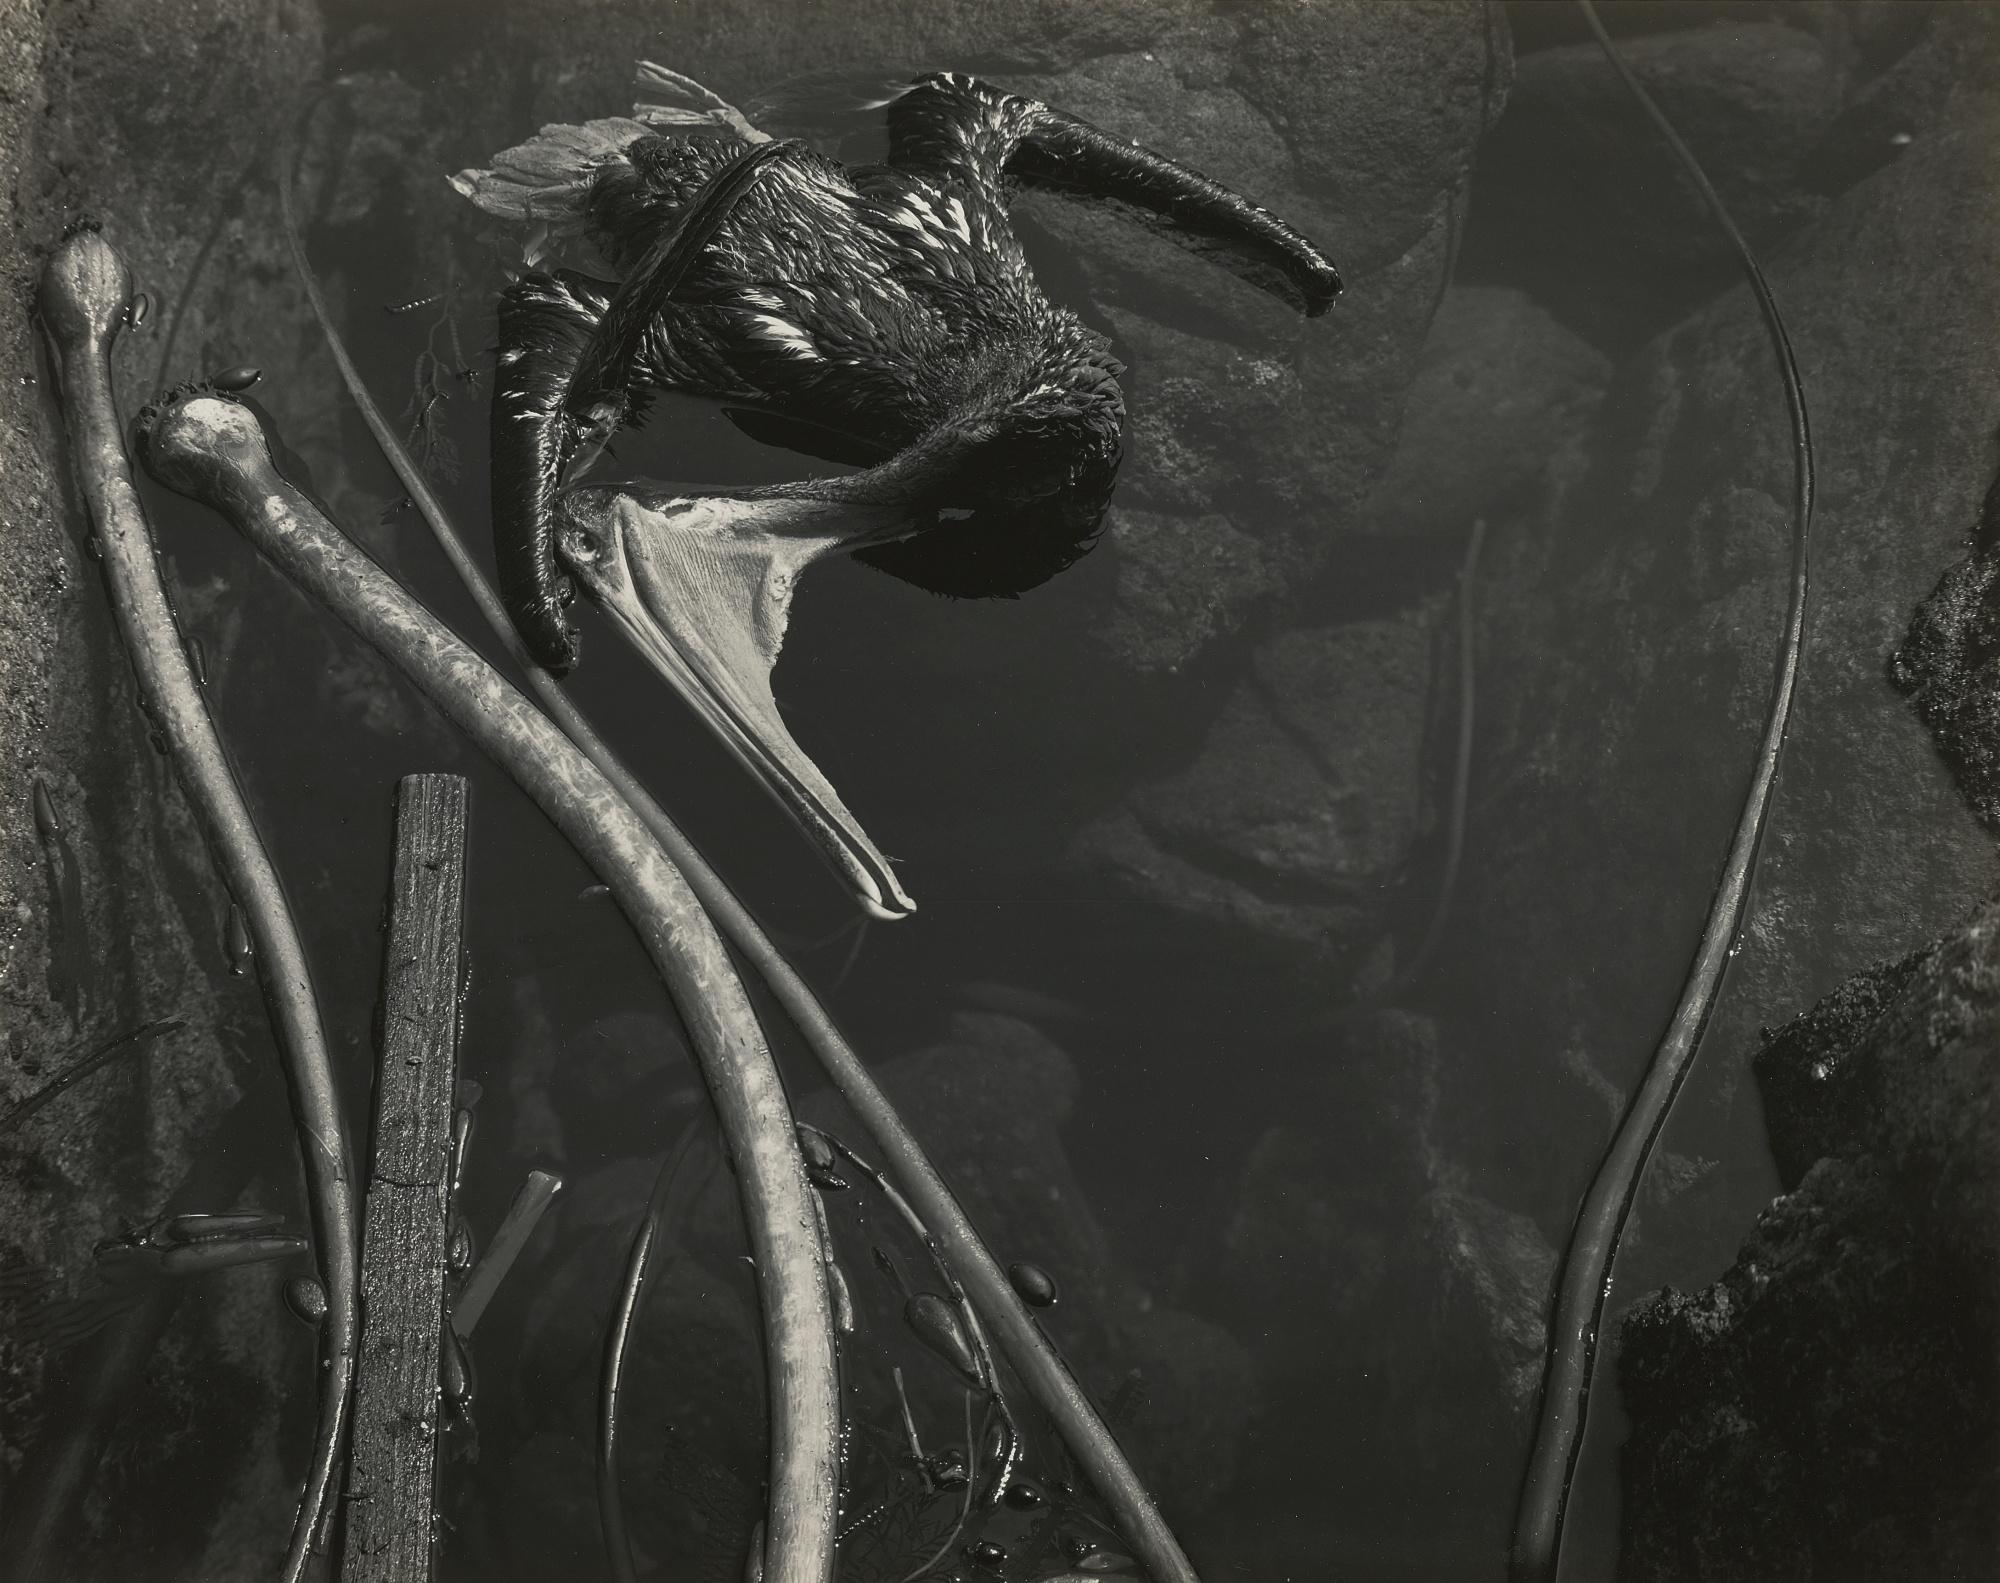 Edward Weston-Tide Pool Point Lobos (Dead Pelican)-1945